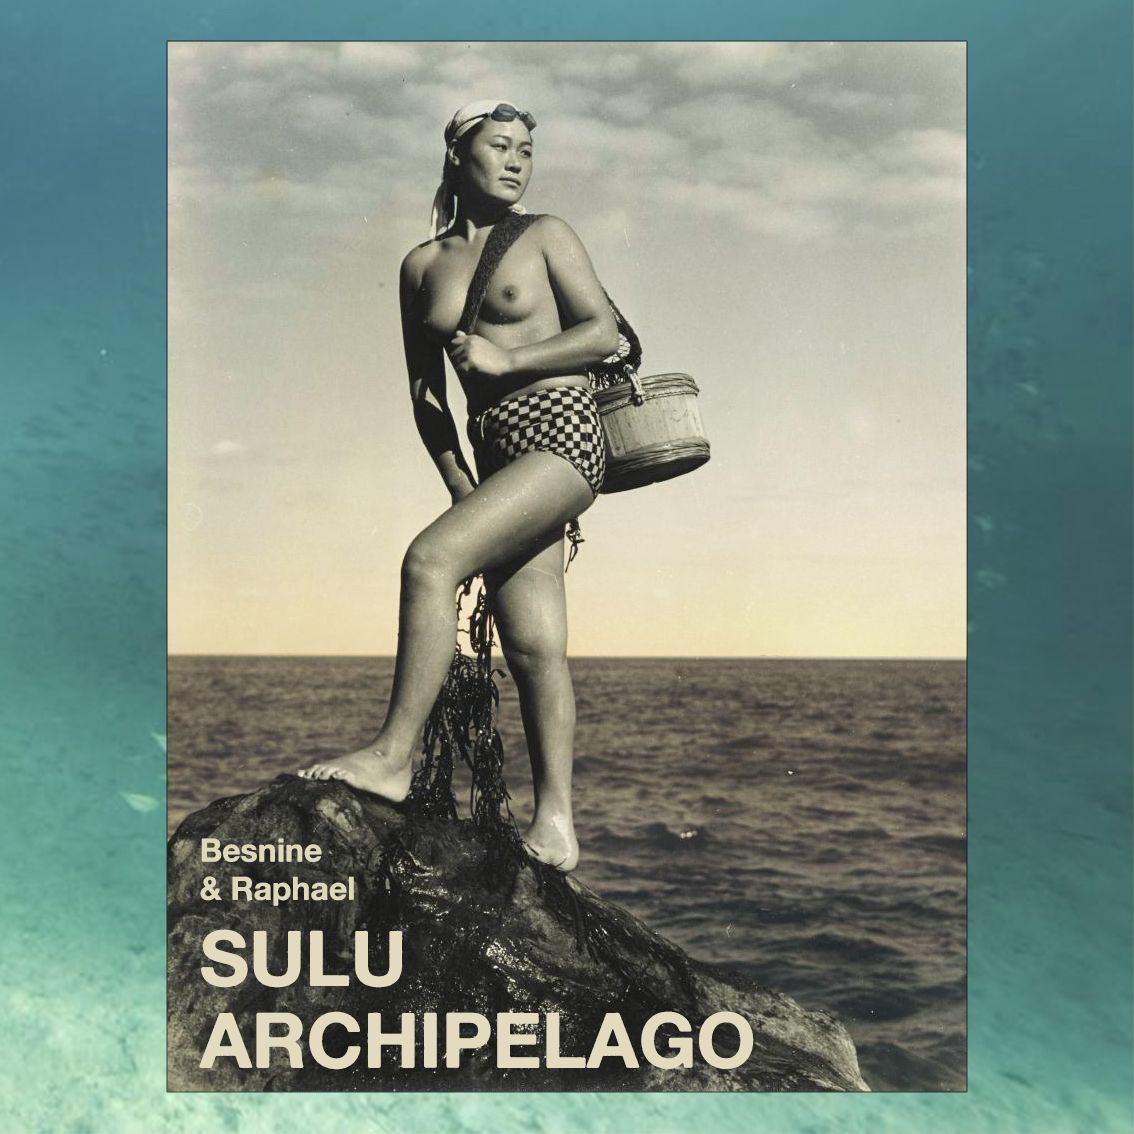 Besnine-&-Raphael- Sulu-Archipelago